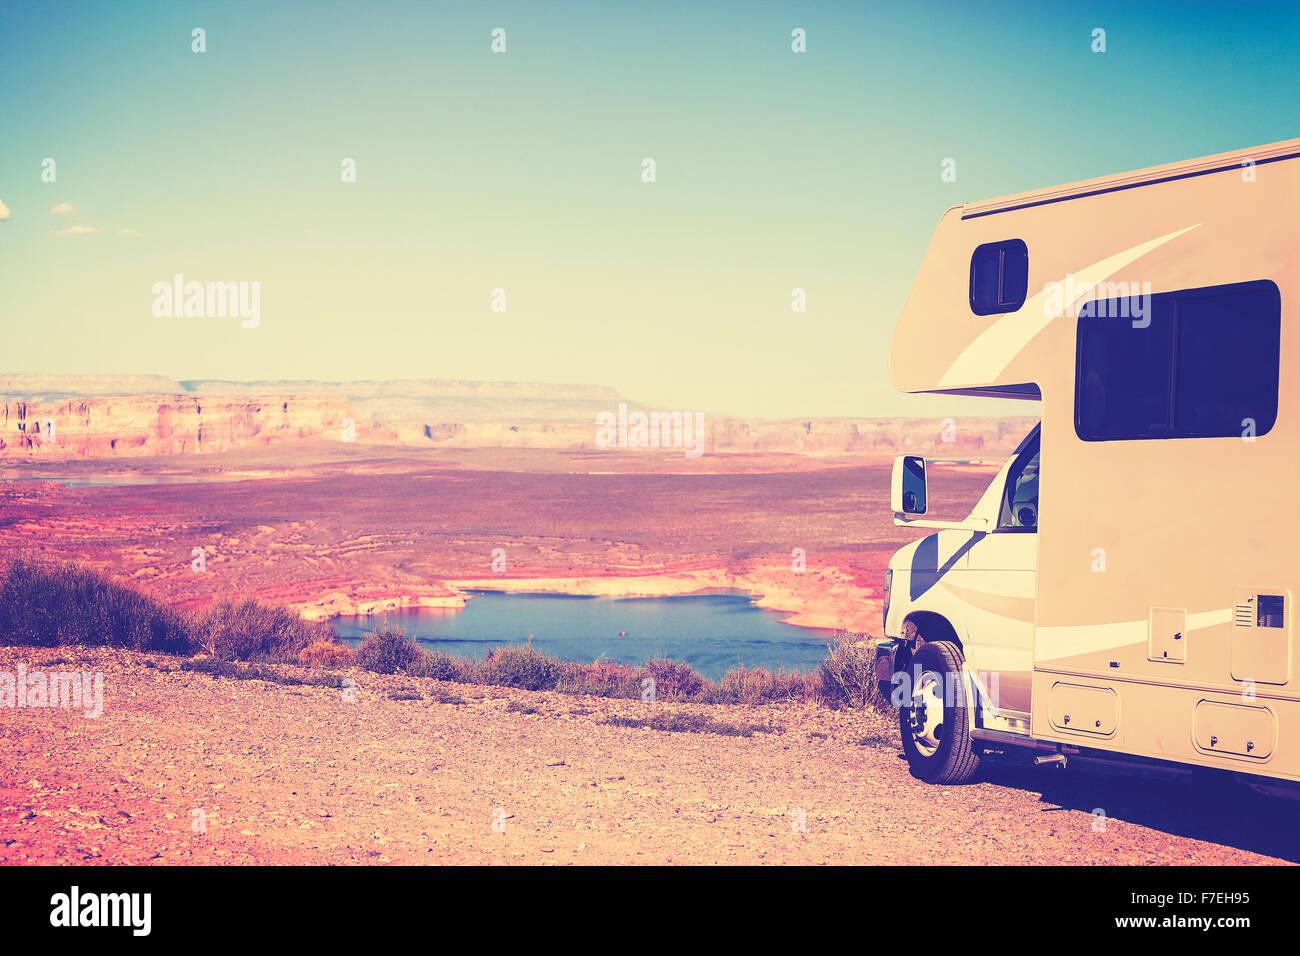 Vintage getönten RV (Camper) von Canyon, Lake Powell, USA-Urlaub mit der Familie Konzept geparkt. Stockbild